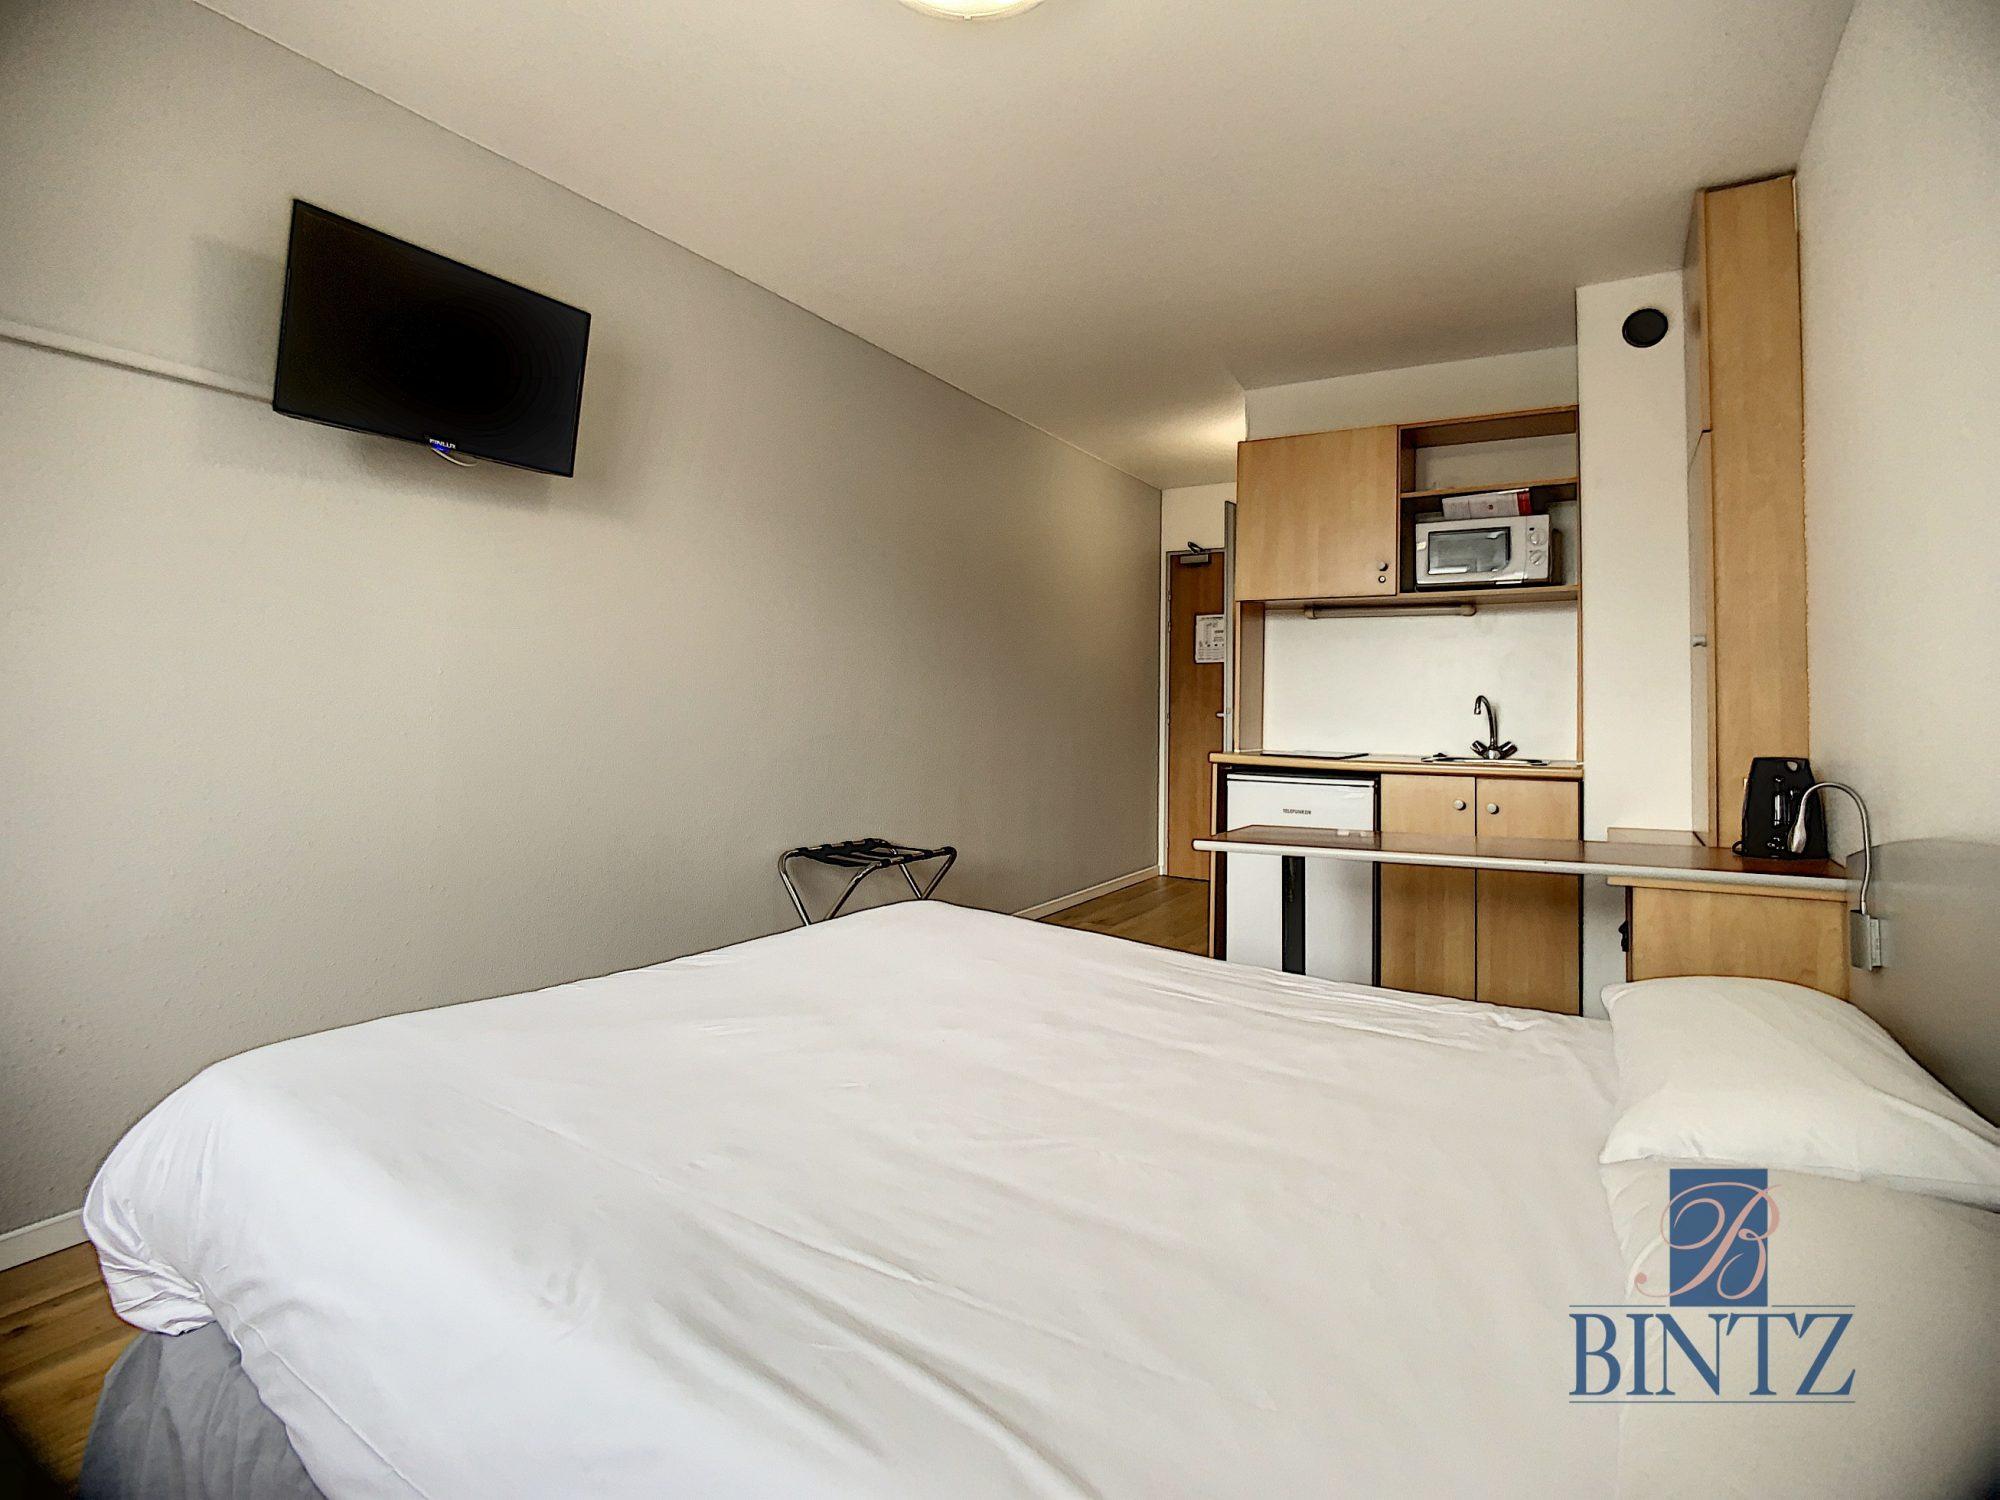 Studio en résidence hôtelière - Devenez propriétaire en toute confiance - Bintz Immobilier - 2